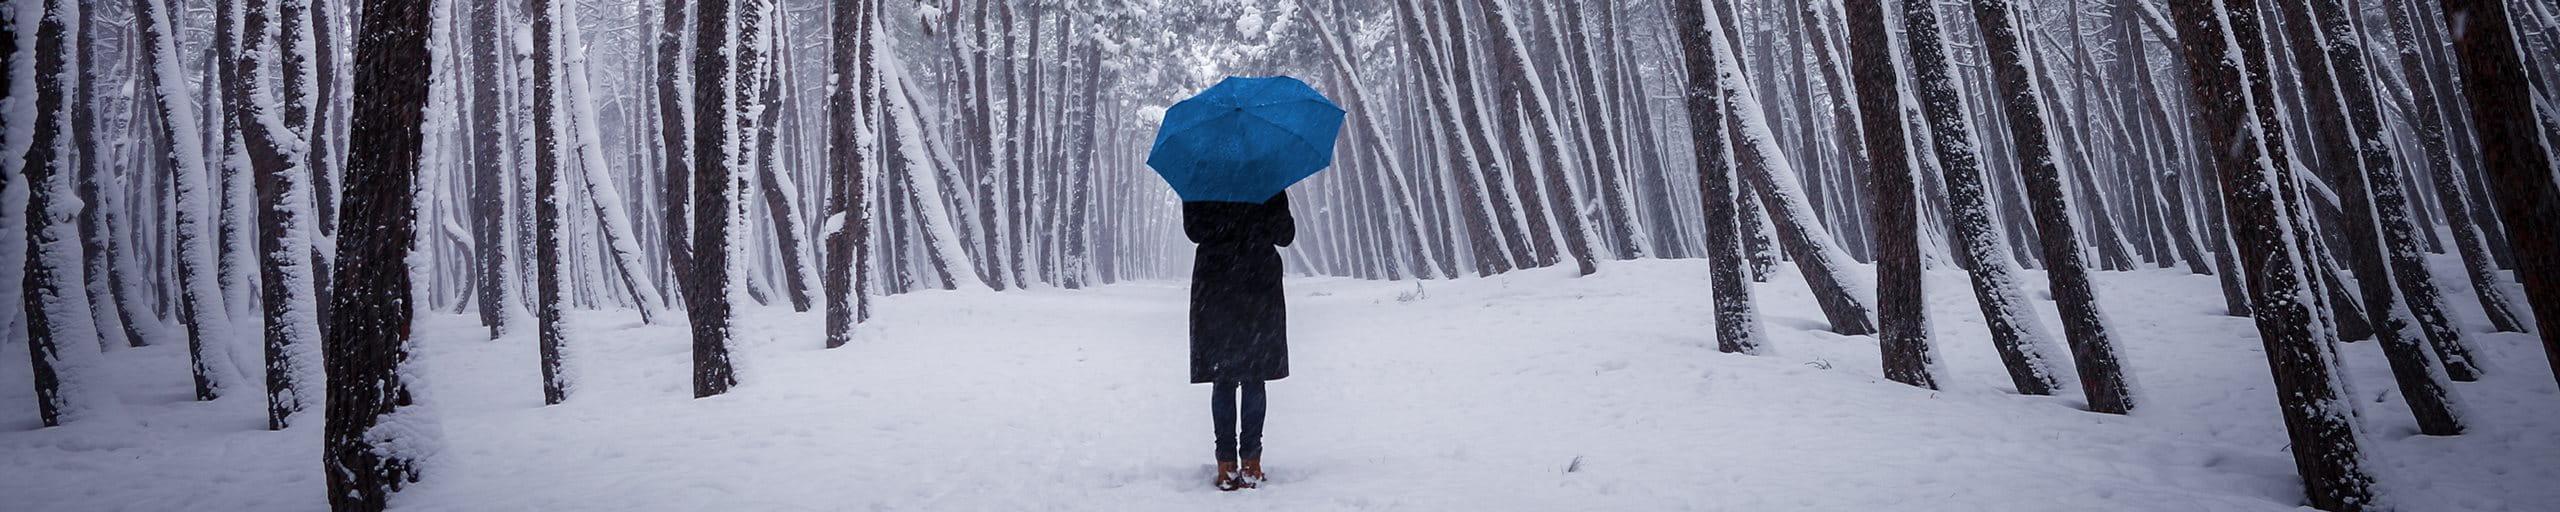 Frau im verschneiten Wald, mit Regenschirm.